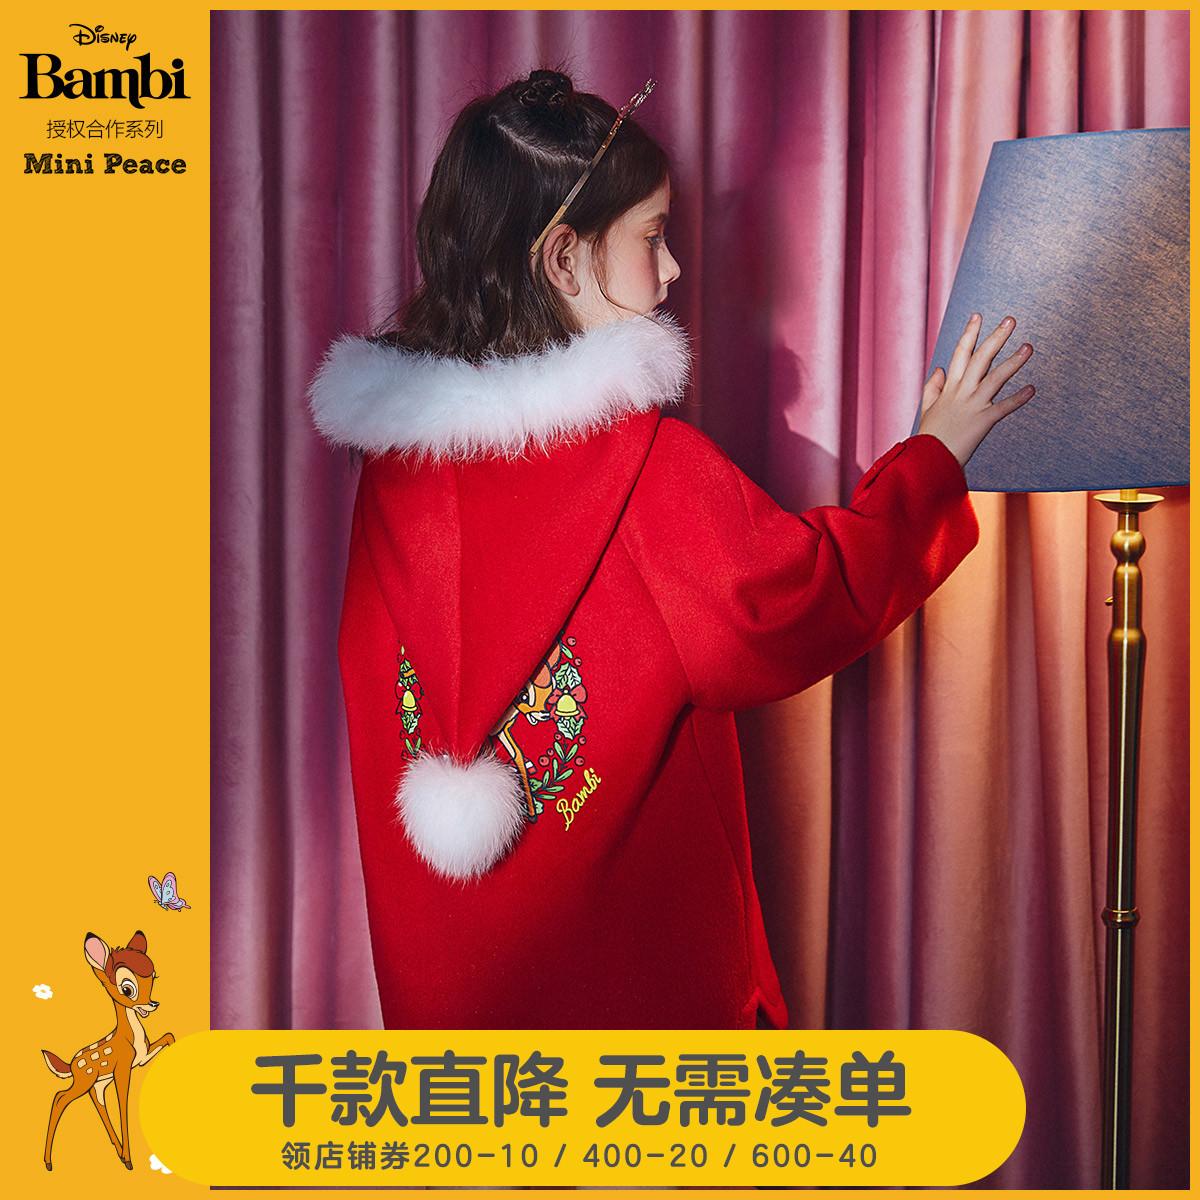 【小鹿斑比】minipeace太平鸟童装女童大衣斗篷儿童外套红色拜年